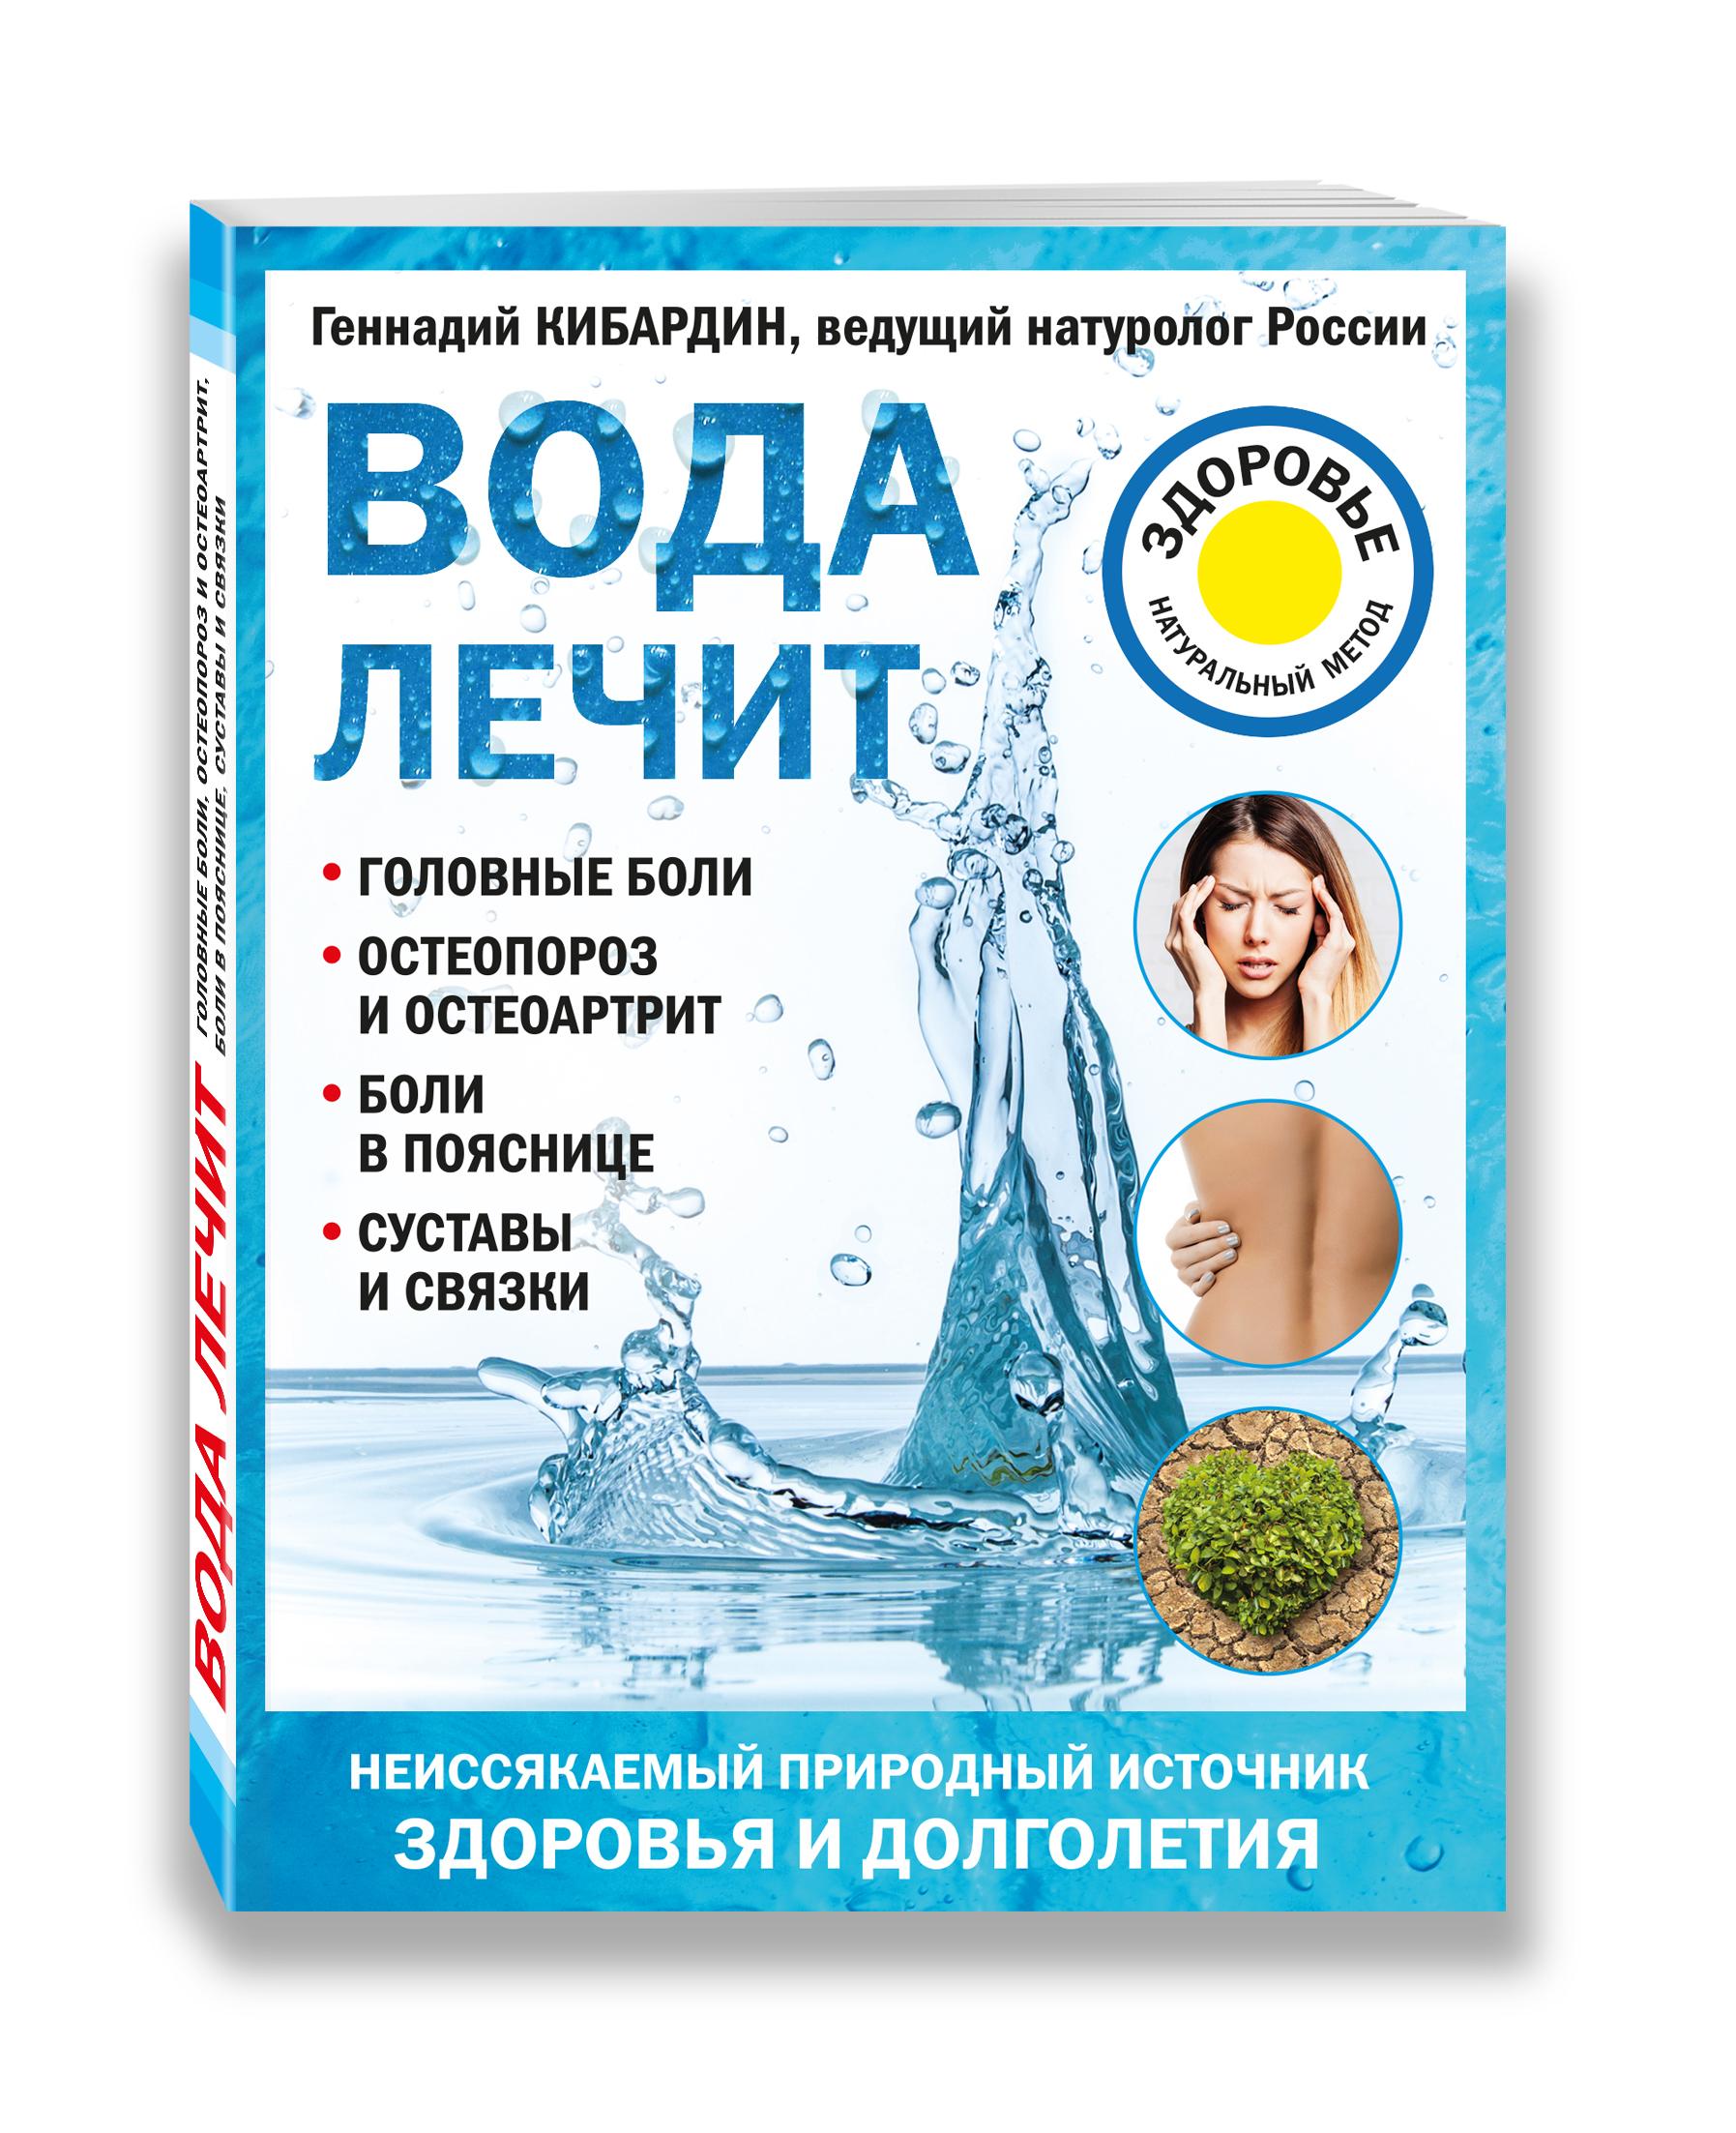 Вода лечит: головные боли, остеопороз и остеоартрит, боли в пояснице, суставы и связки